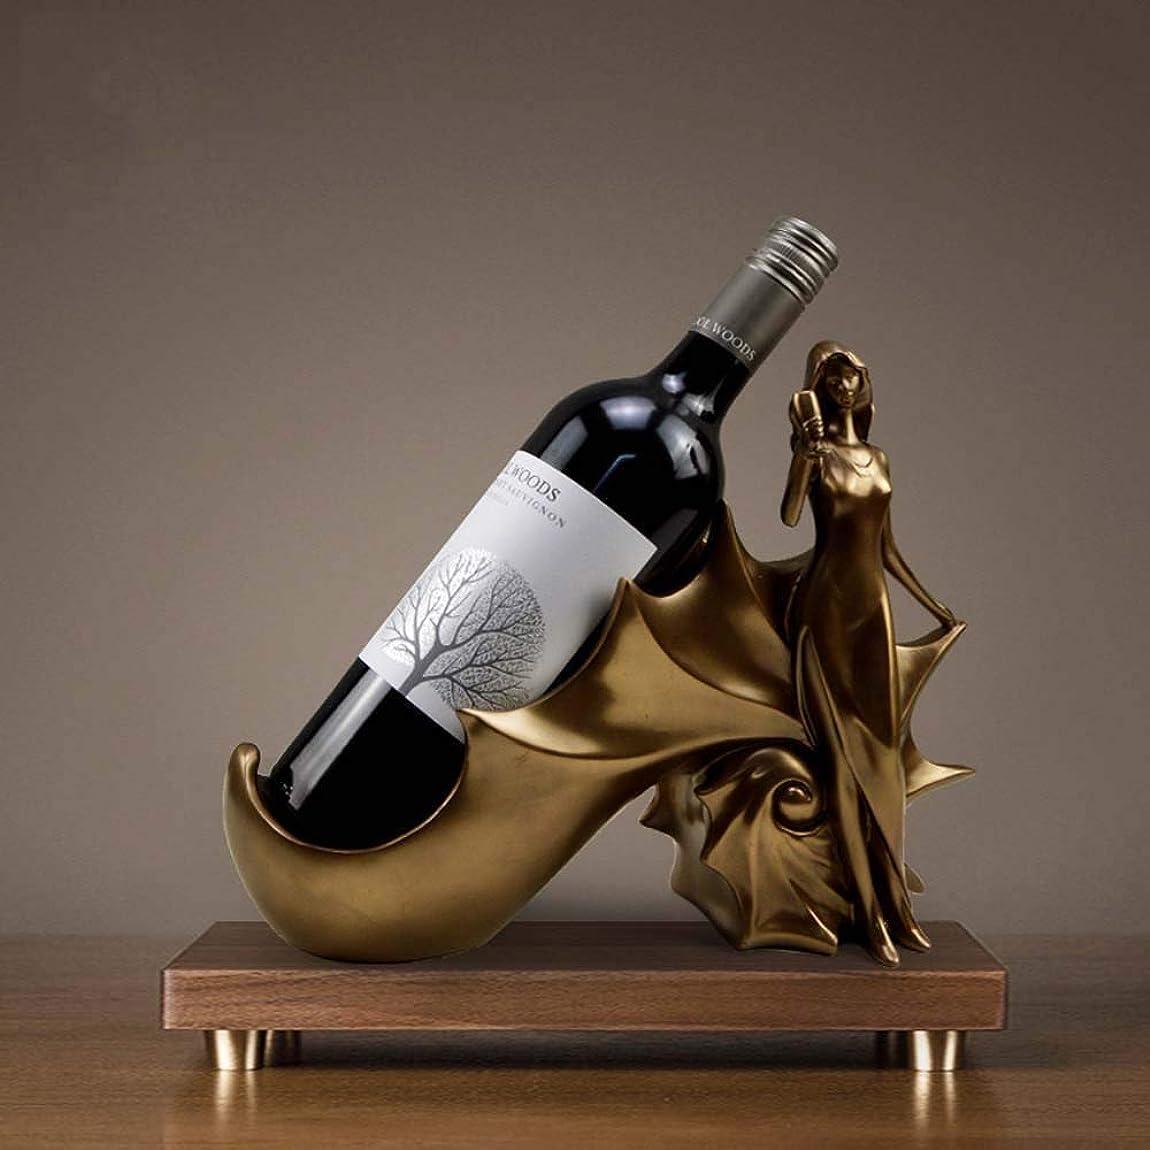 面積作成者減らすZGQA-GQA 美しいレトロコールドブロンズ樹脂グレードワインボトルラックコンク装飾アートワークのクリエイティブ装飾品33 * 12 * 24センチメートル繊細な